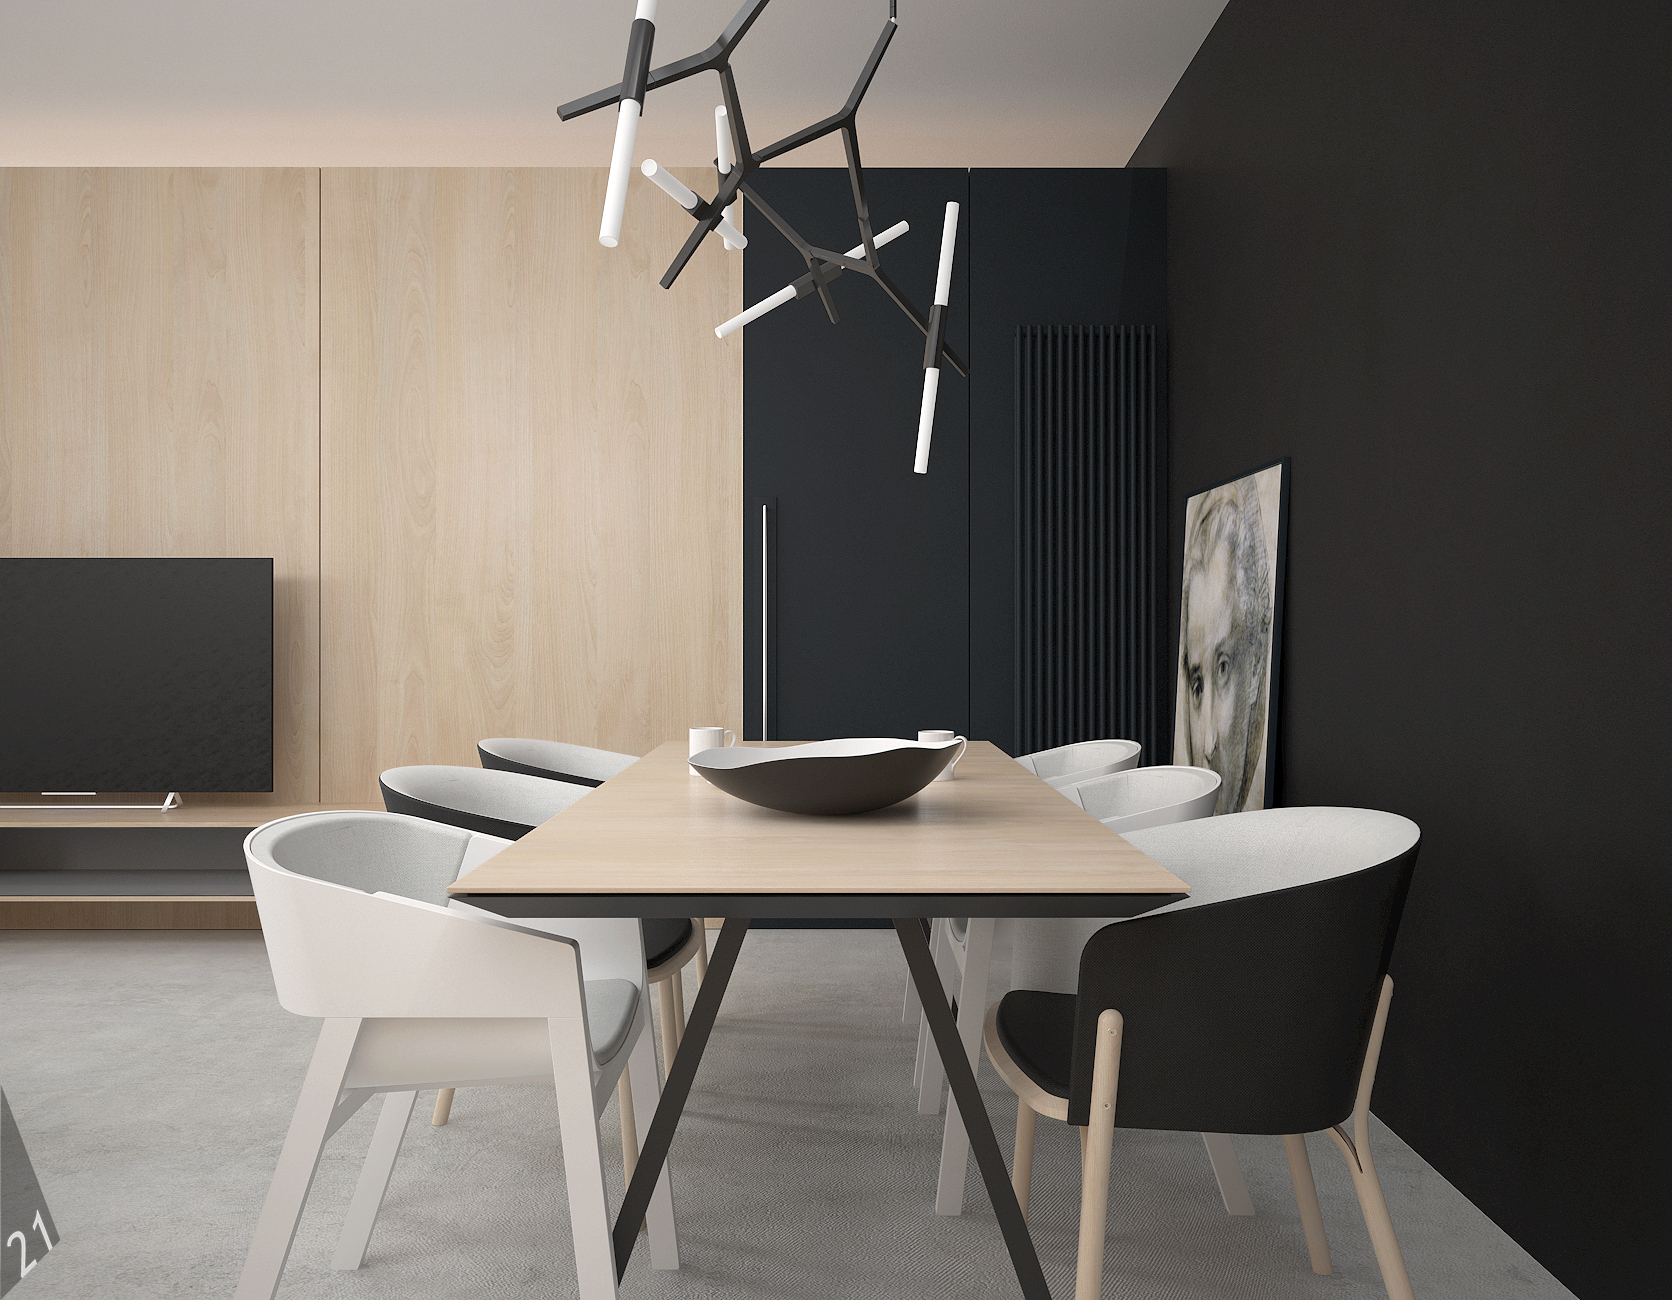 4 projektant wnetrz D372 dom z antresola katowice jadalnia stol drewno czarne nogi grafitowa sciana lampa nad stolem